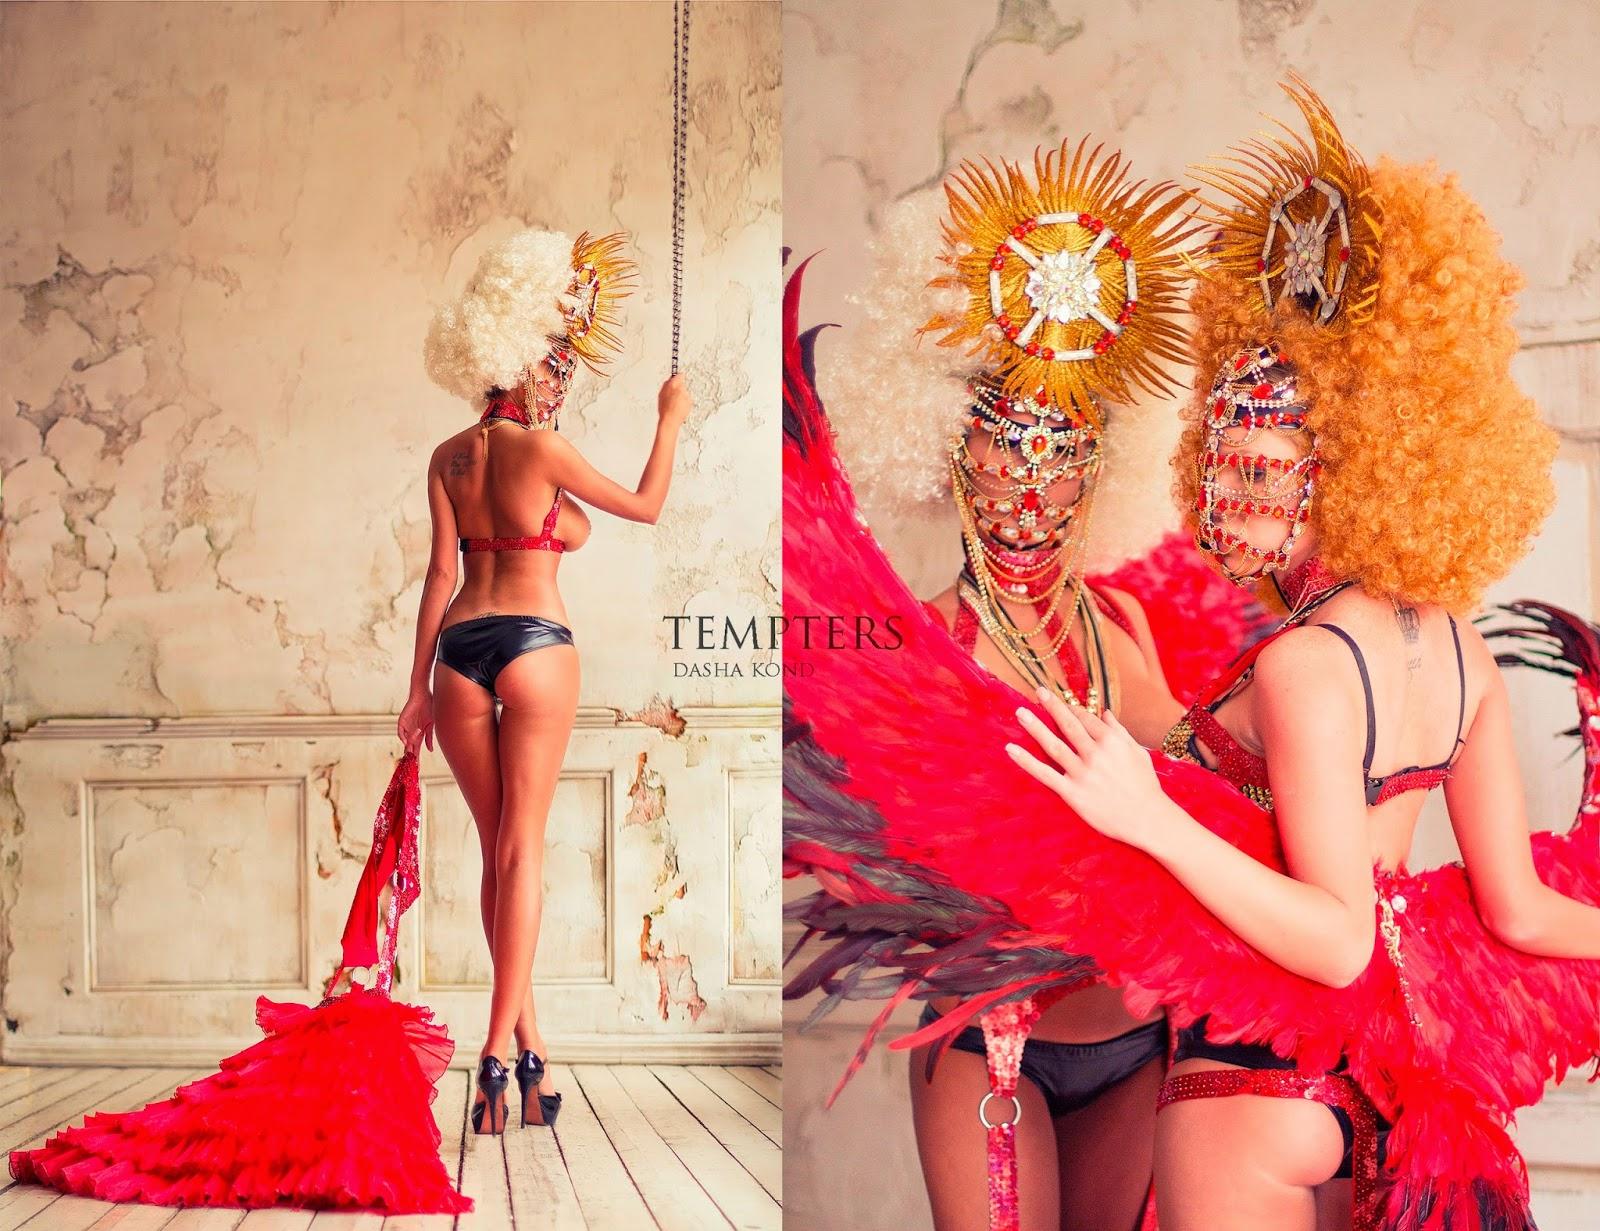 dyptique photo de mode 2 filles avec trucs en plumes rouges par Dasha Kond